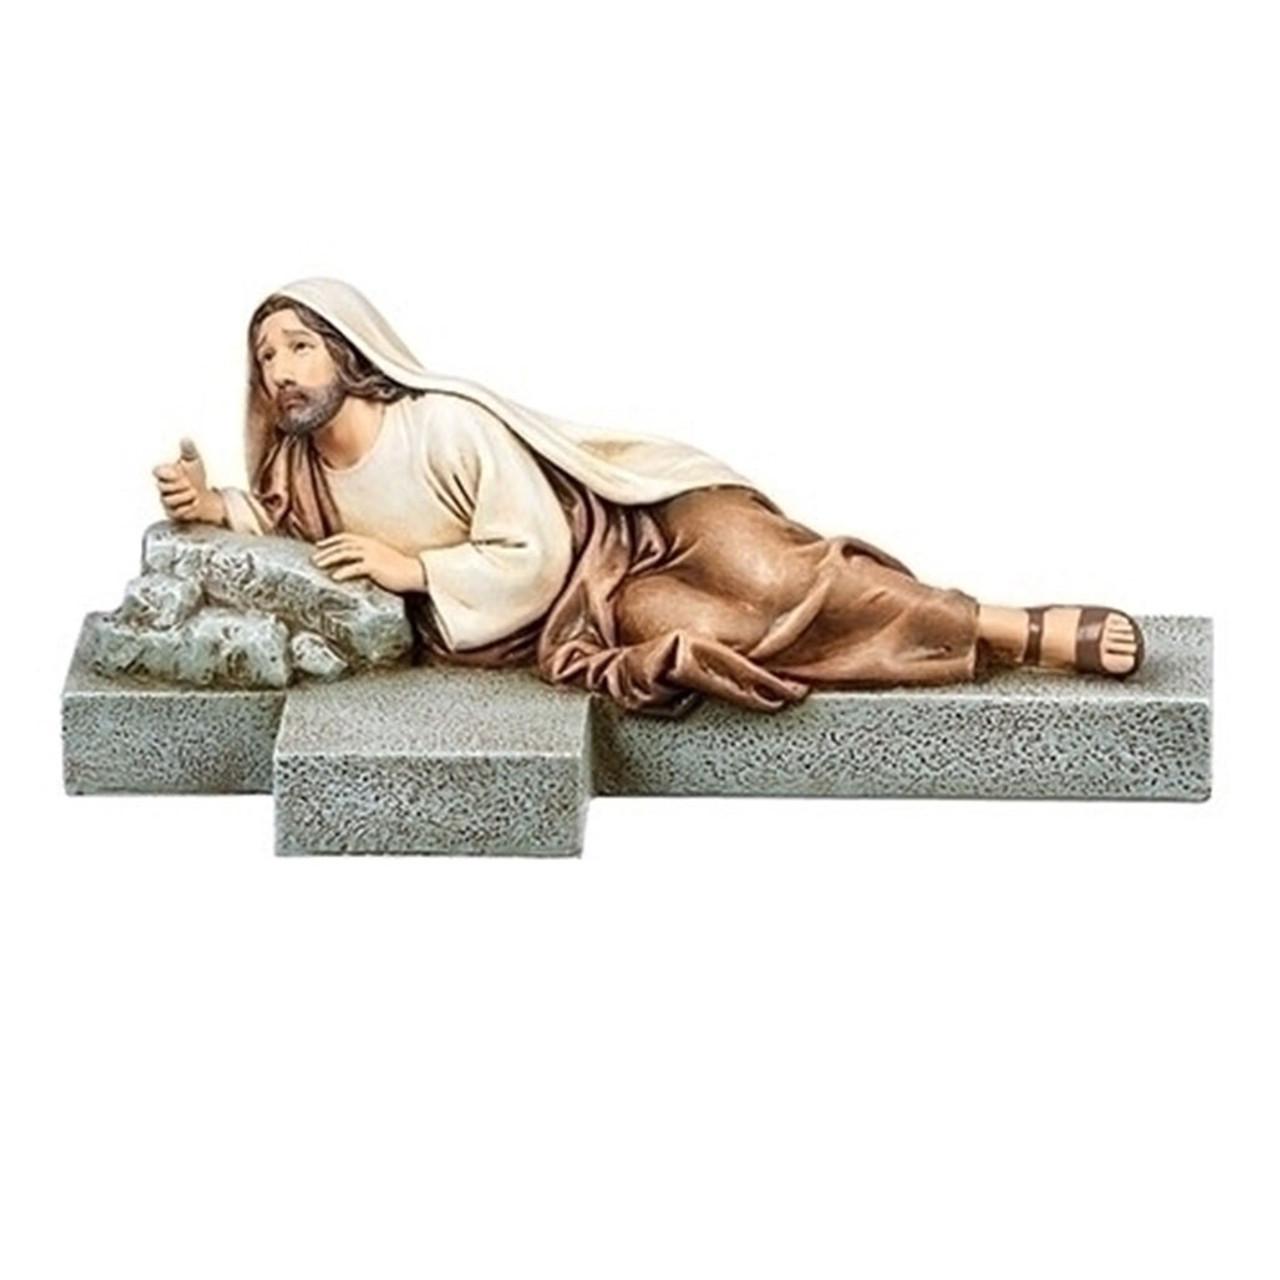 Imploring Jesus Statue 8.25 IN